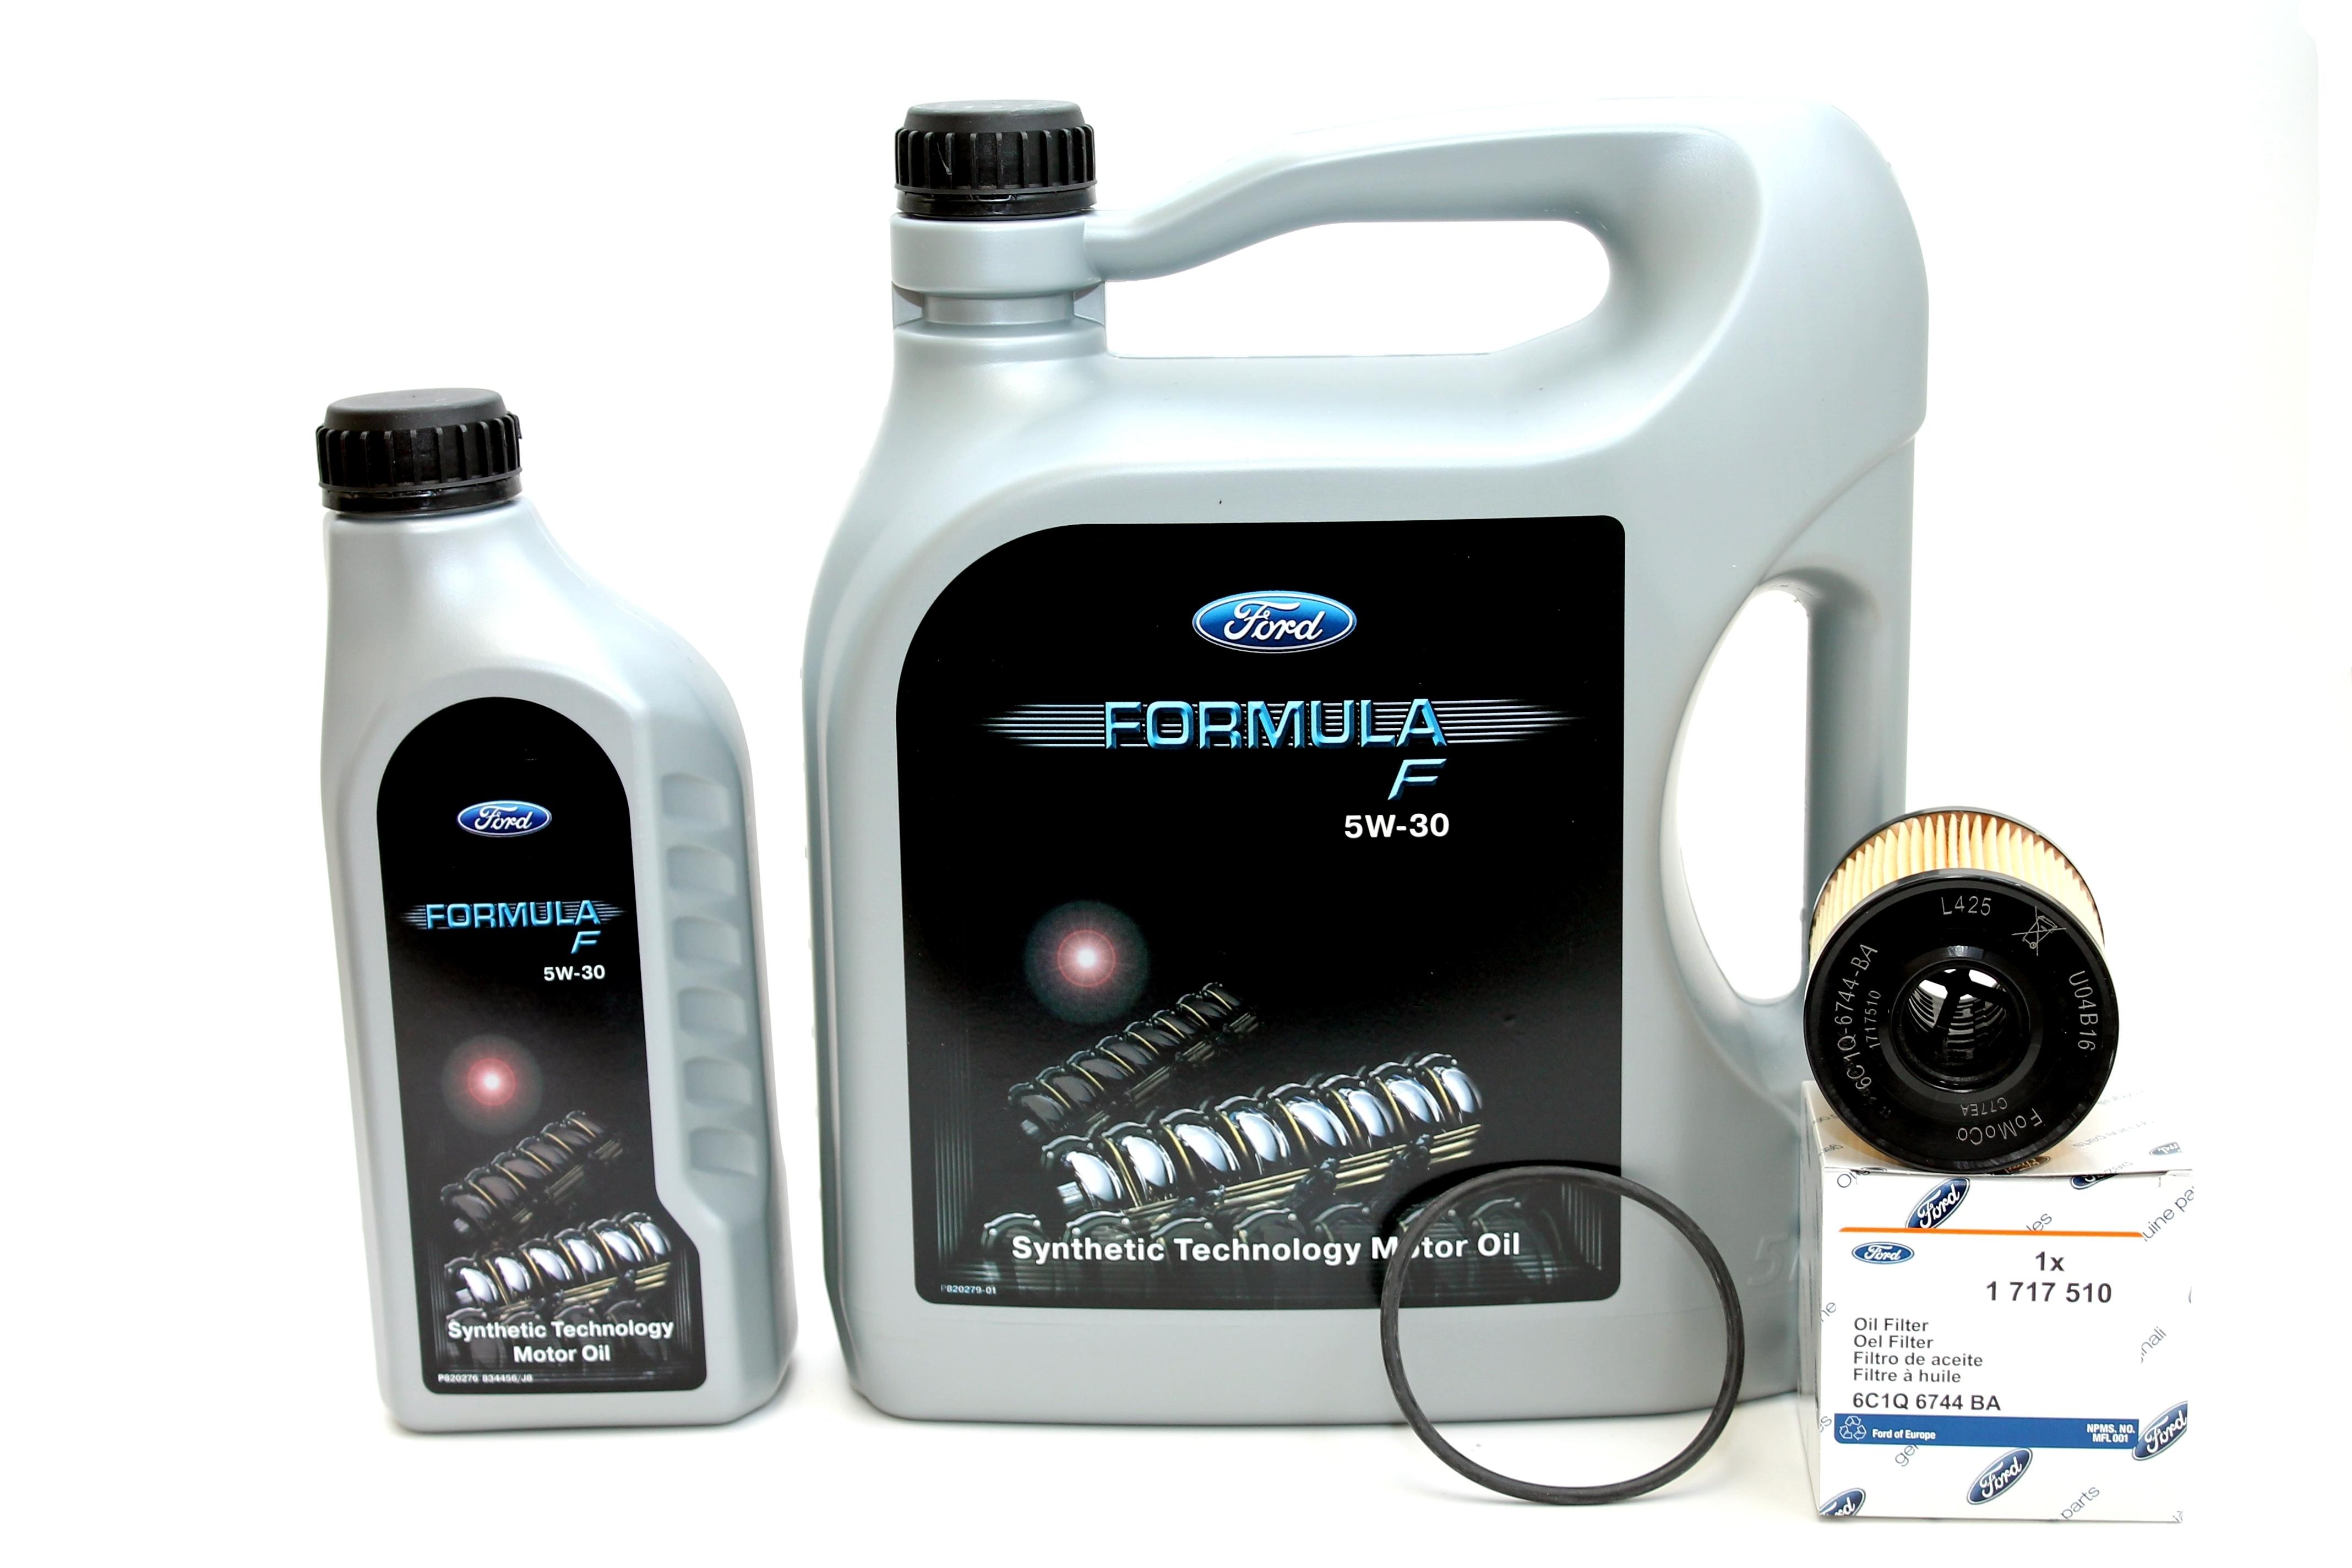 ford formula f 5w30 motor l 14e9ec 6 liter original ford. Black Bedroom Furniture Sets. Home Design Ideas